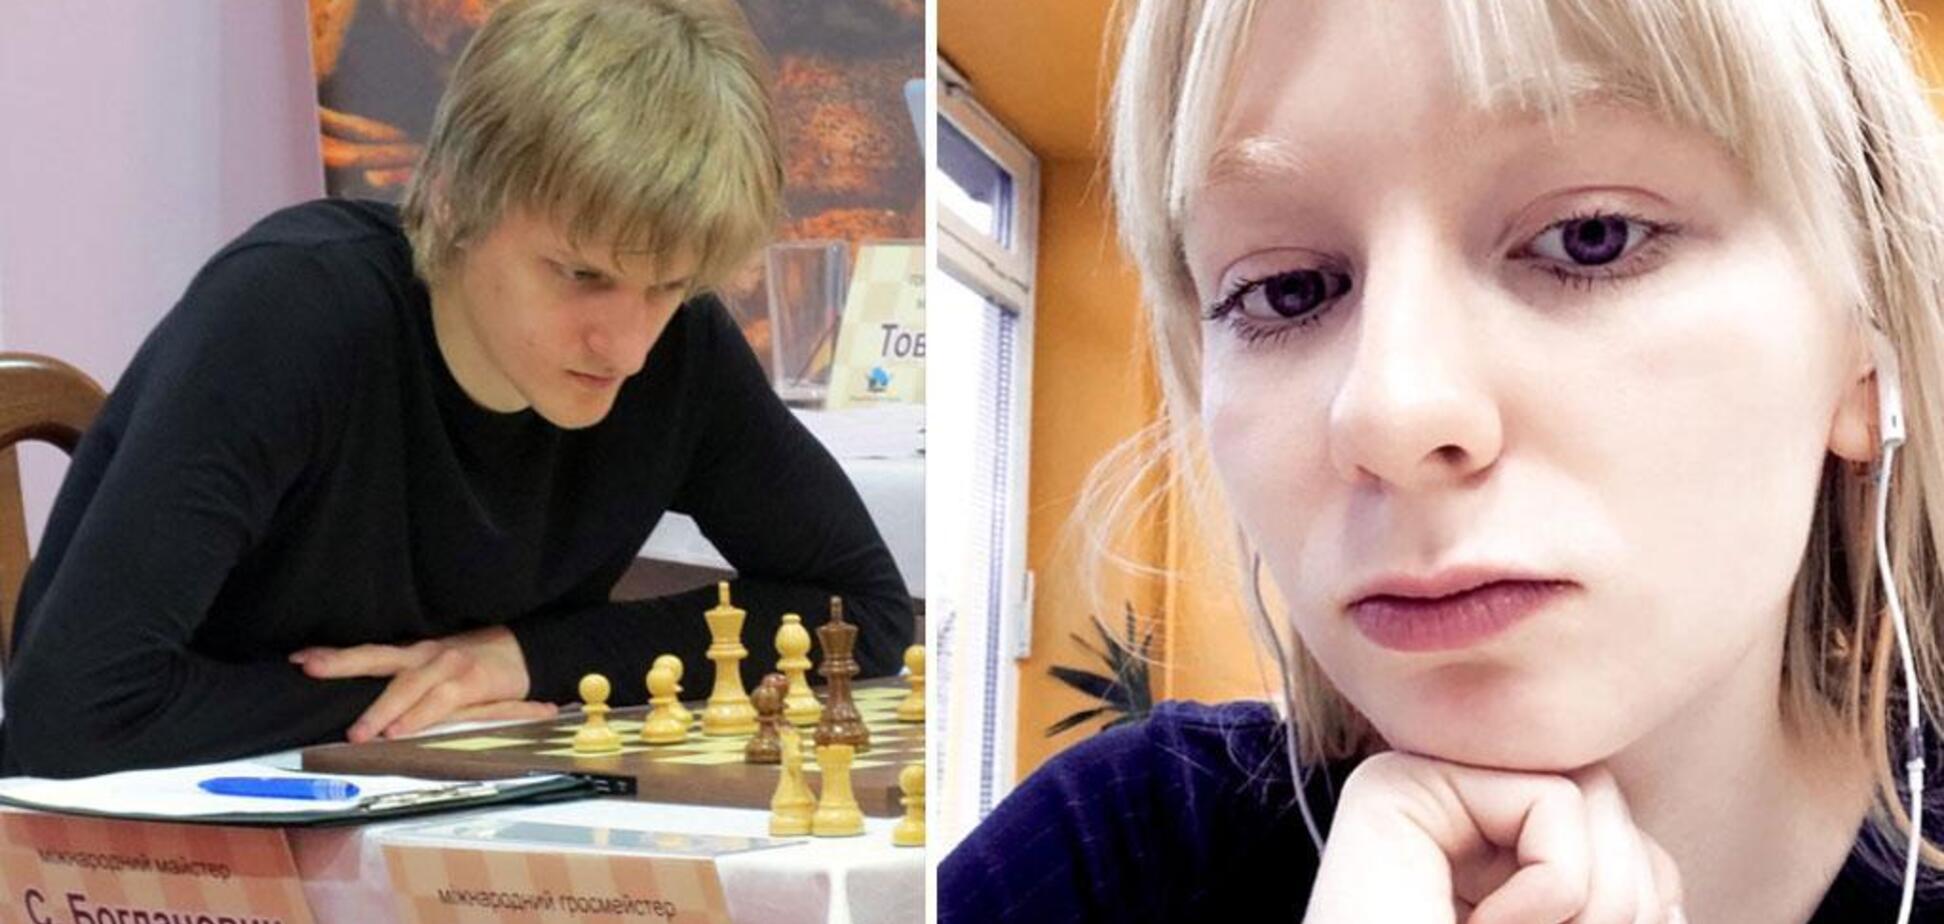 Були сторонні люди: у справі із загибеллю українських шахістів у Москві виник новий поворот